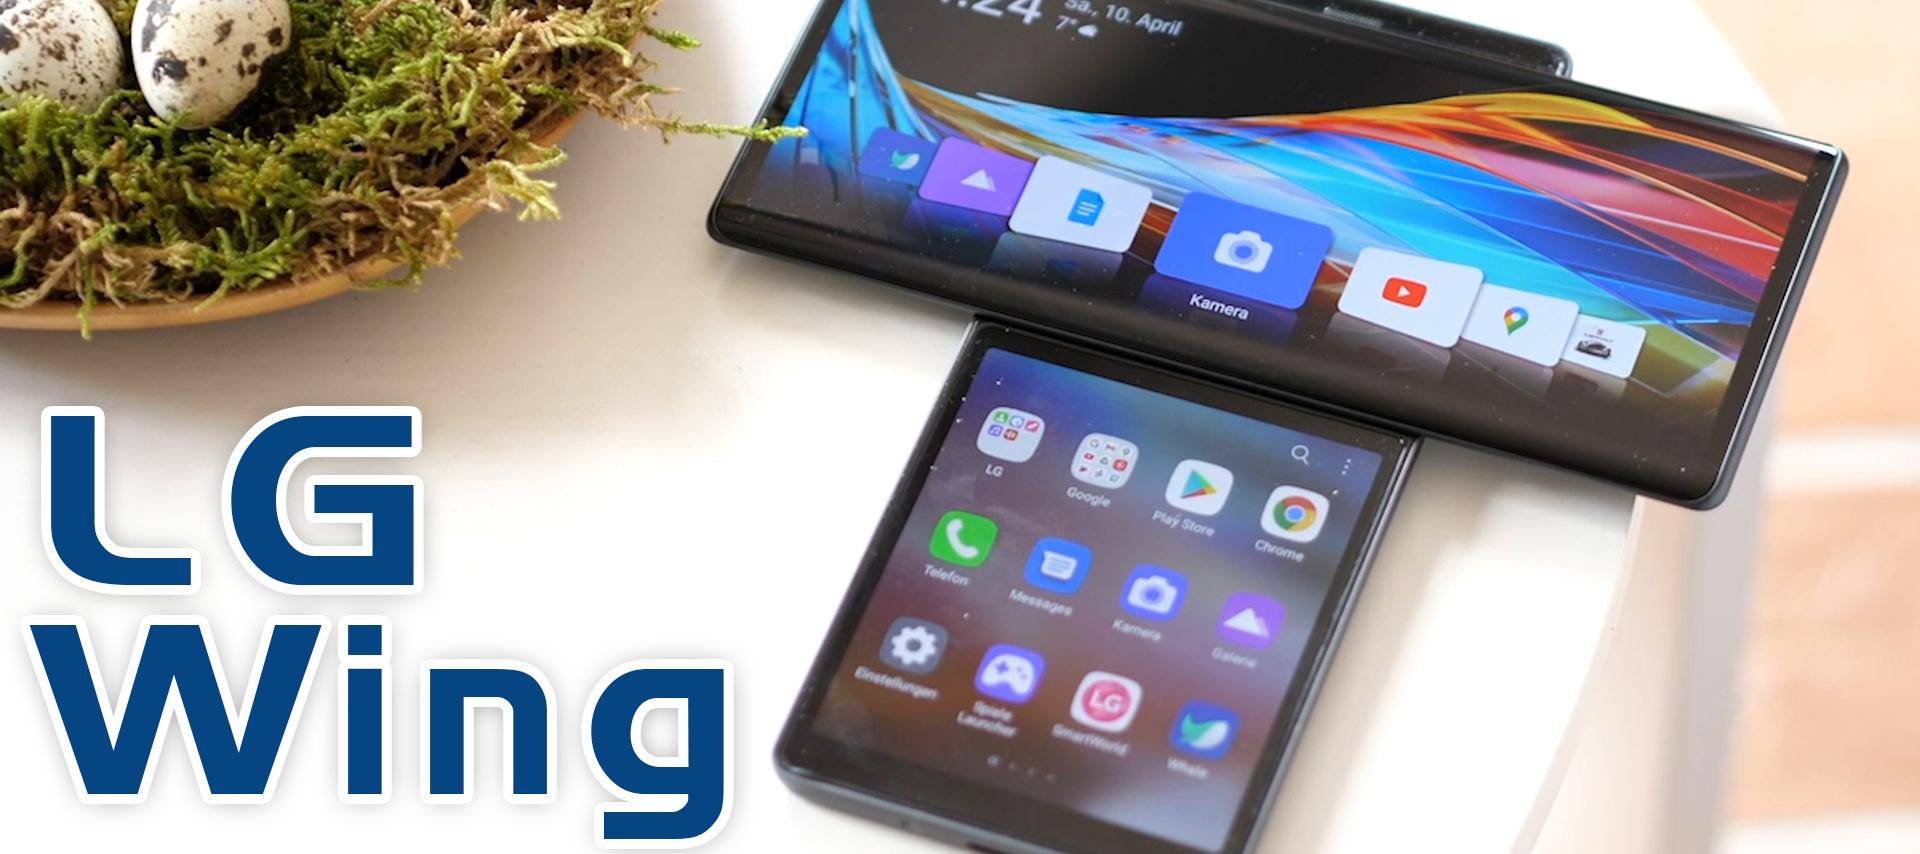 LG WING - Das erste Smartphone mit DREHBAREM Display